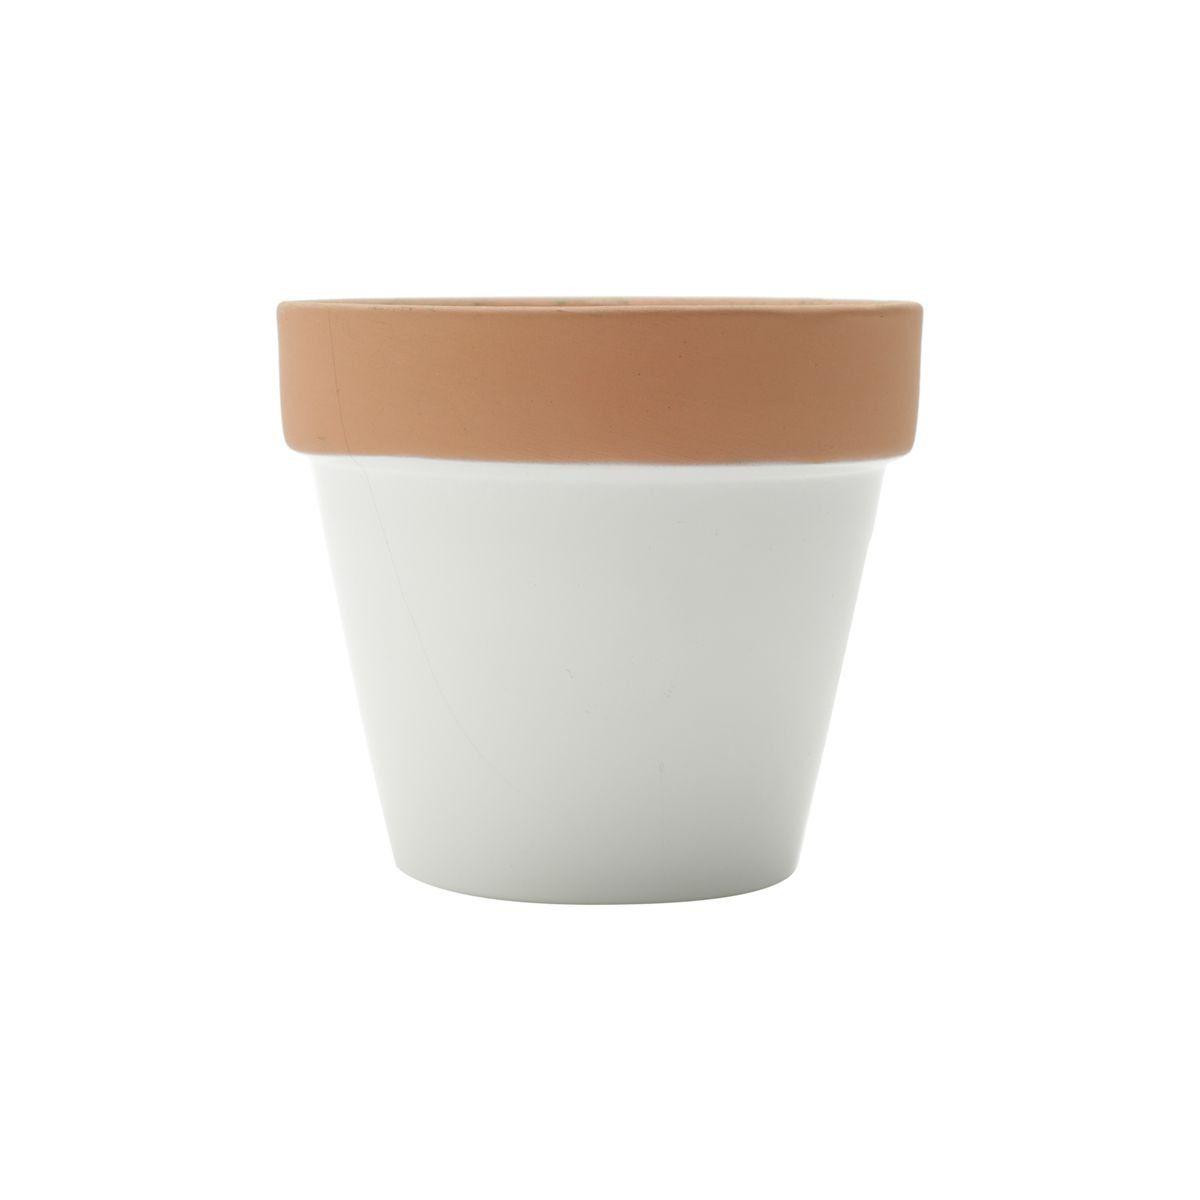 Vaso de Cerâmica Branco com Borda Terracota Pequeno 7,5cm x 8,5cm - 42861